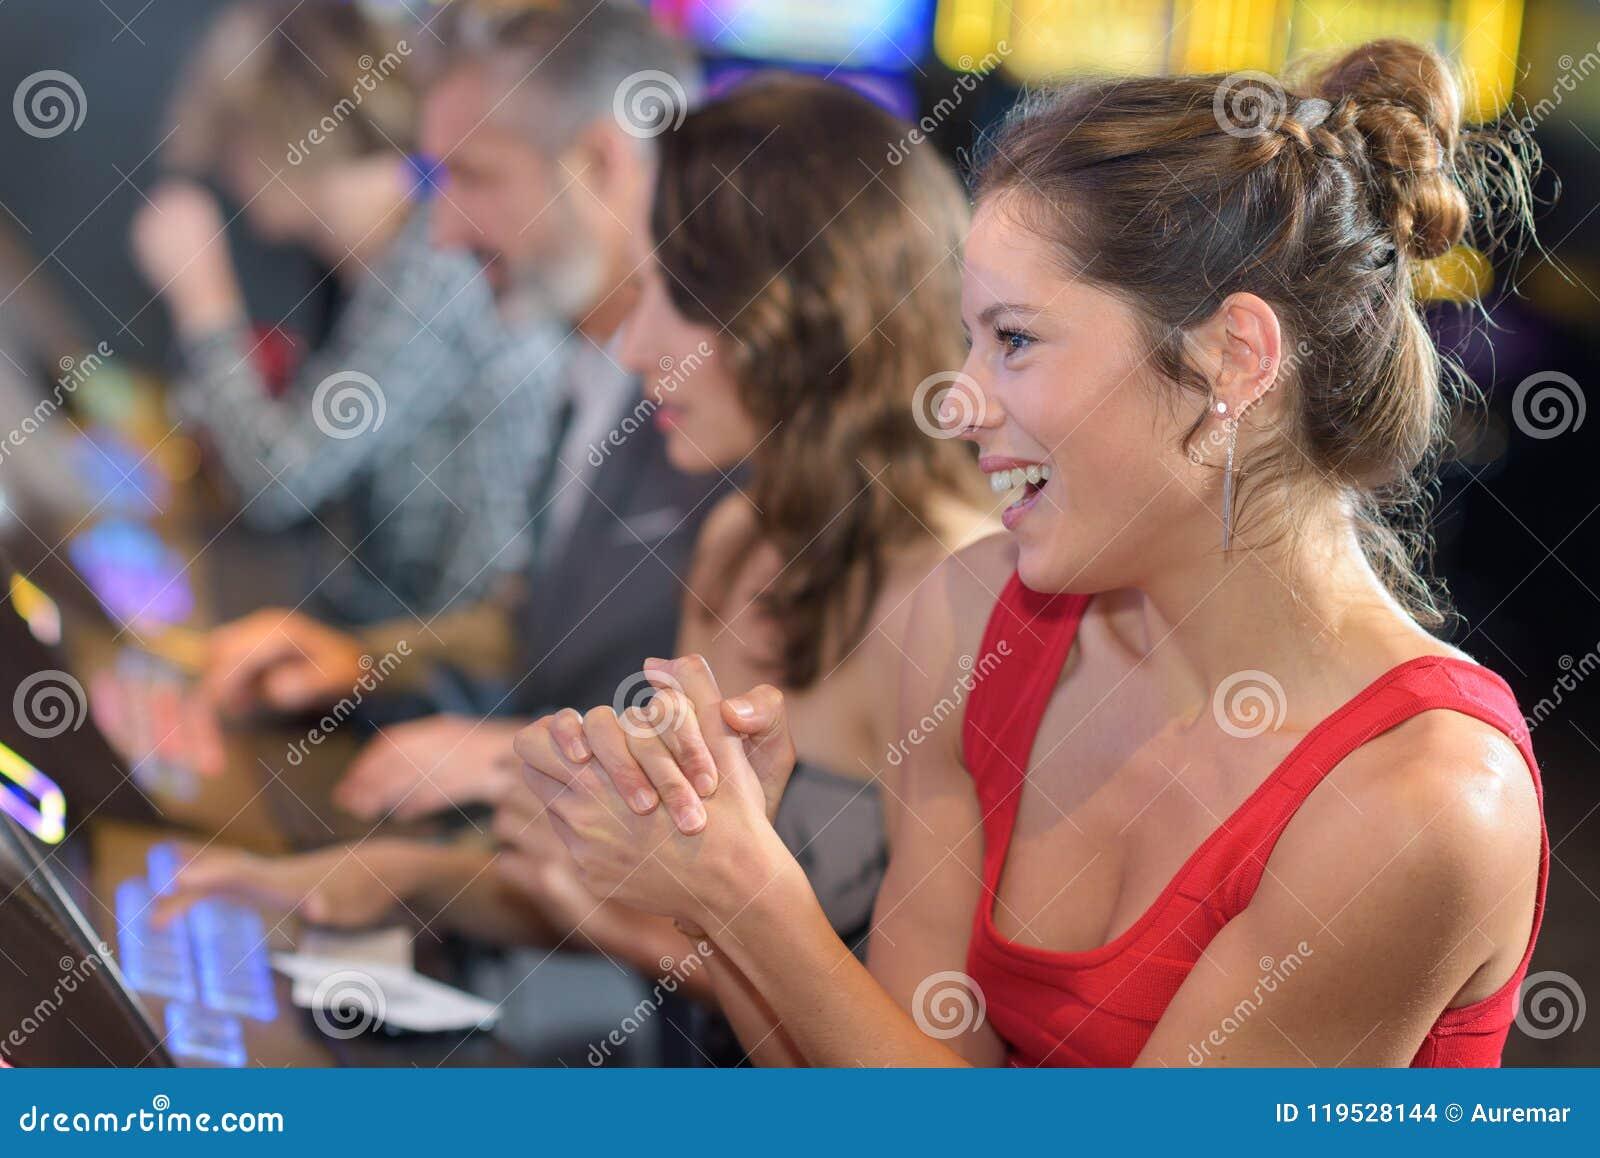 庆祝在老虎机的妇女胜利在赌博娱乐场